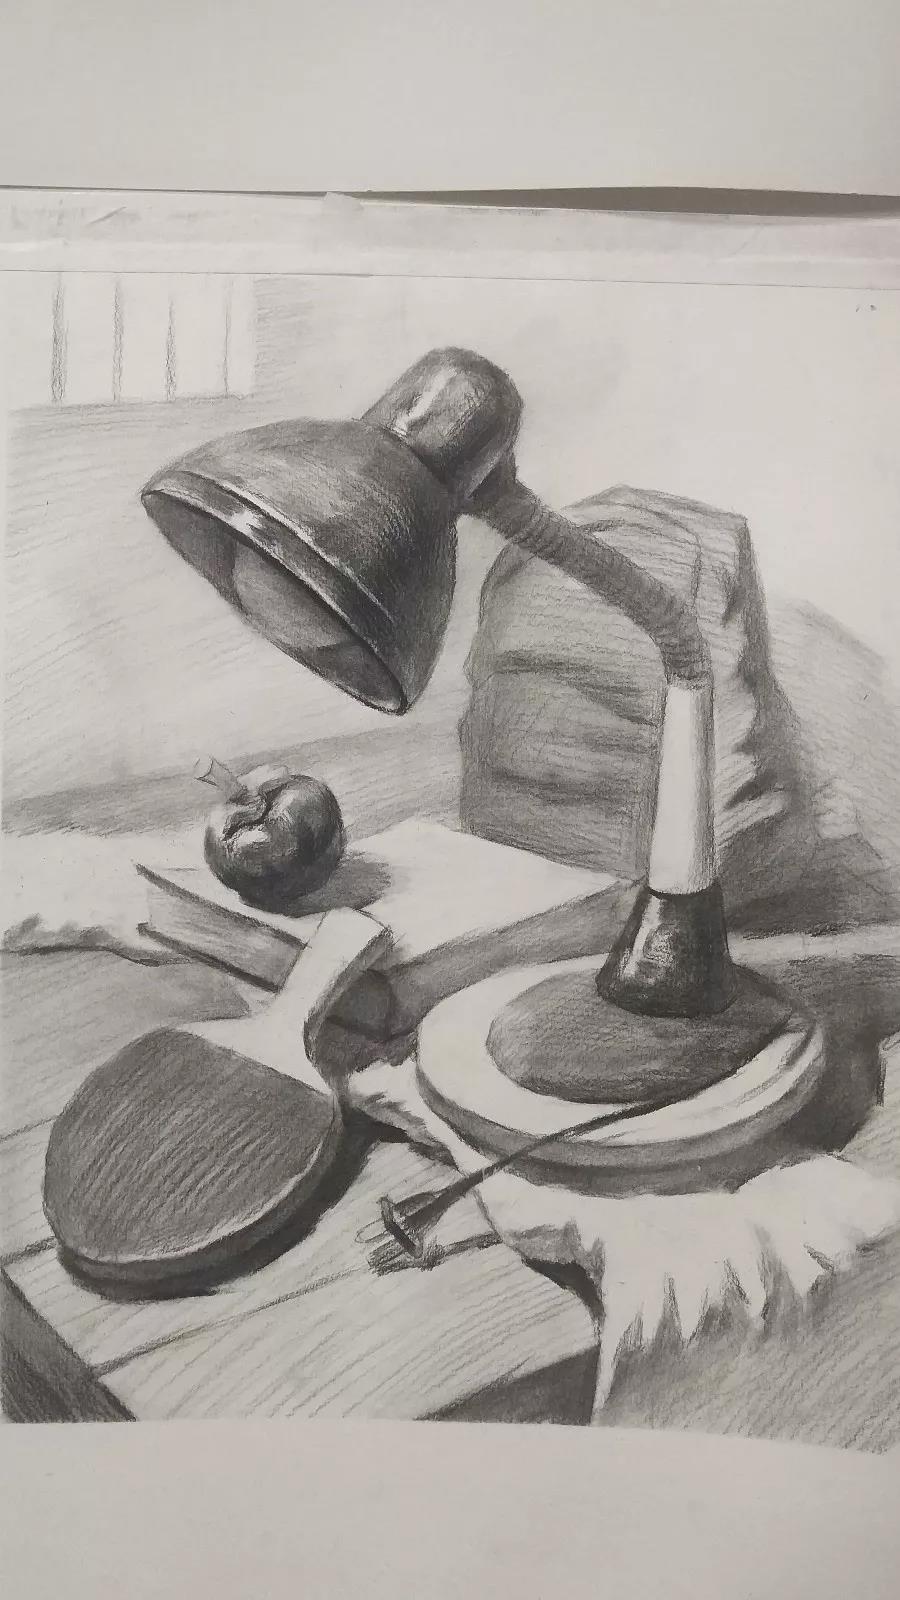 陈平老师在易森画室授课期间的作品展示